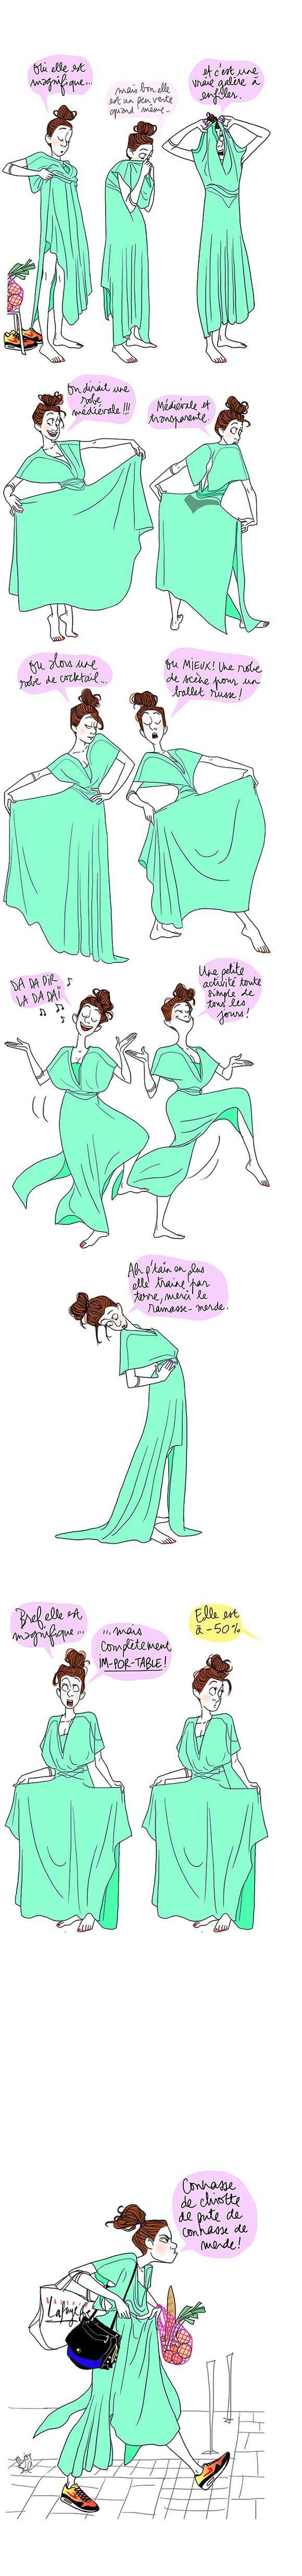 La robe couleur bd